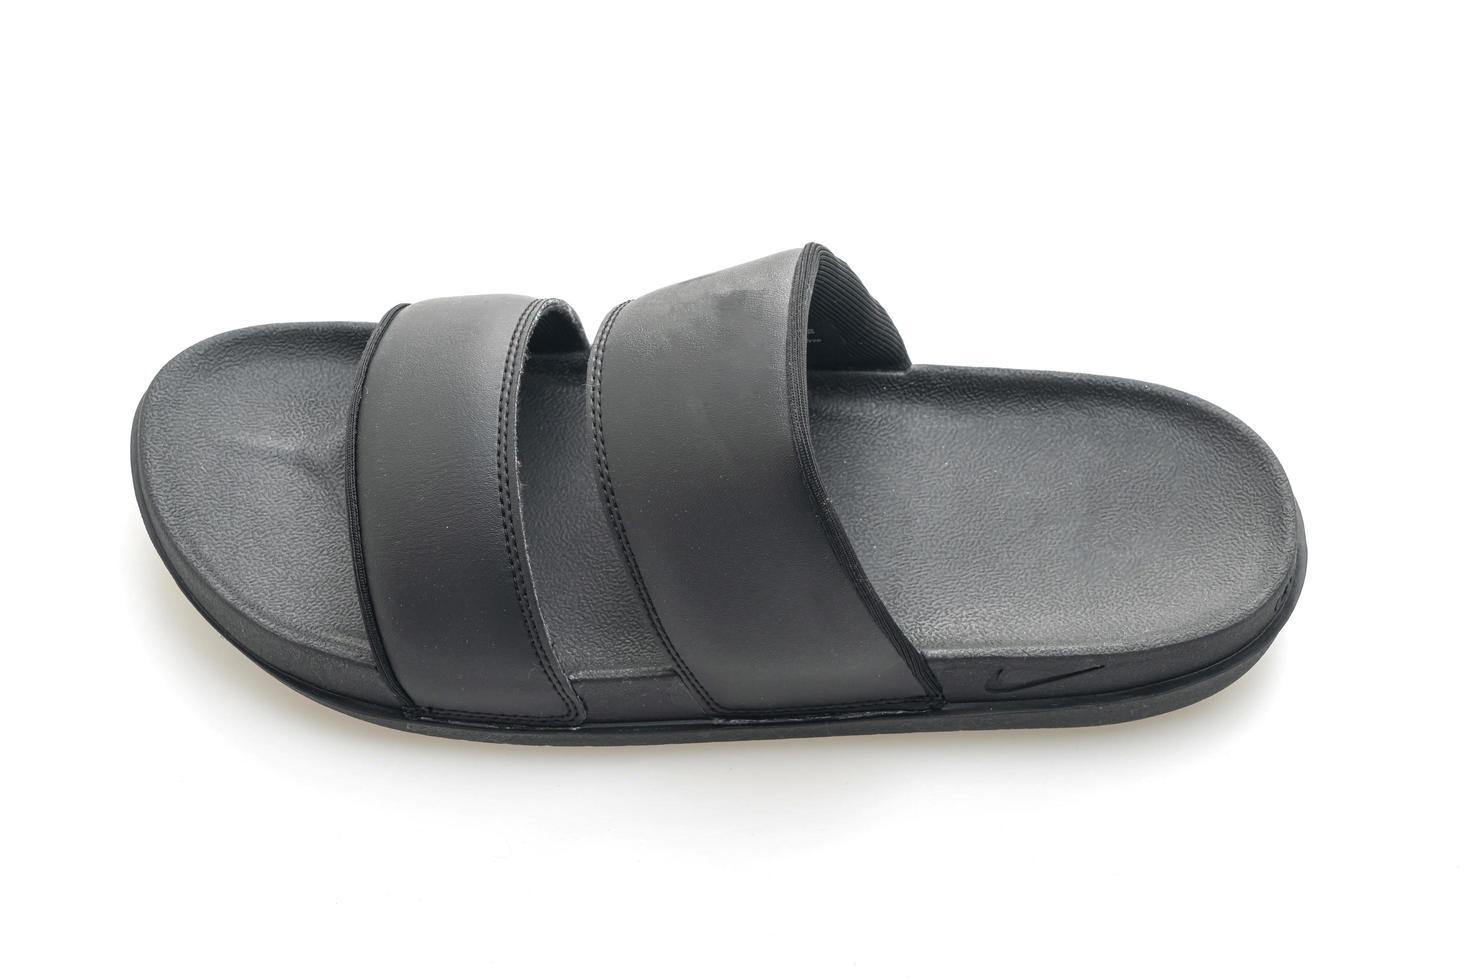 sandali in pelle nera isolati su sfondo bianco foto